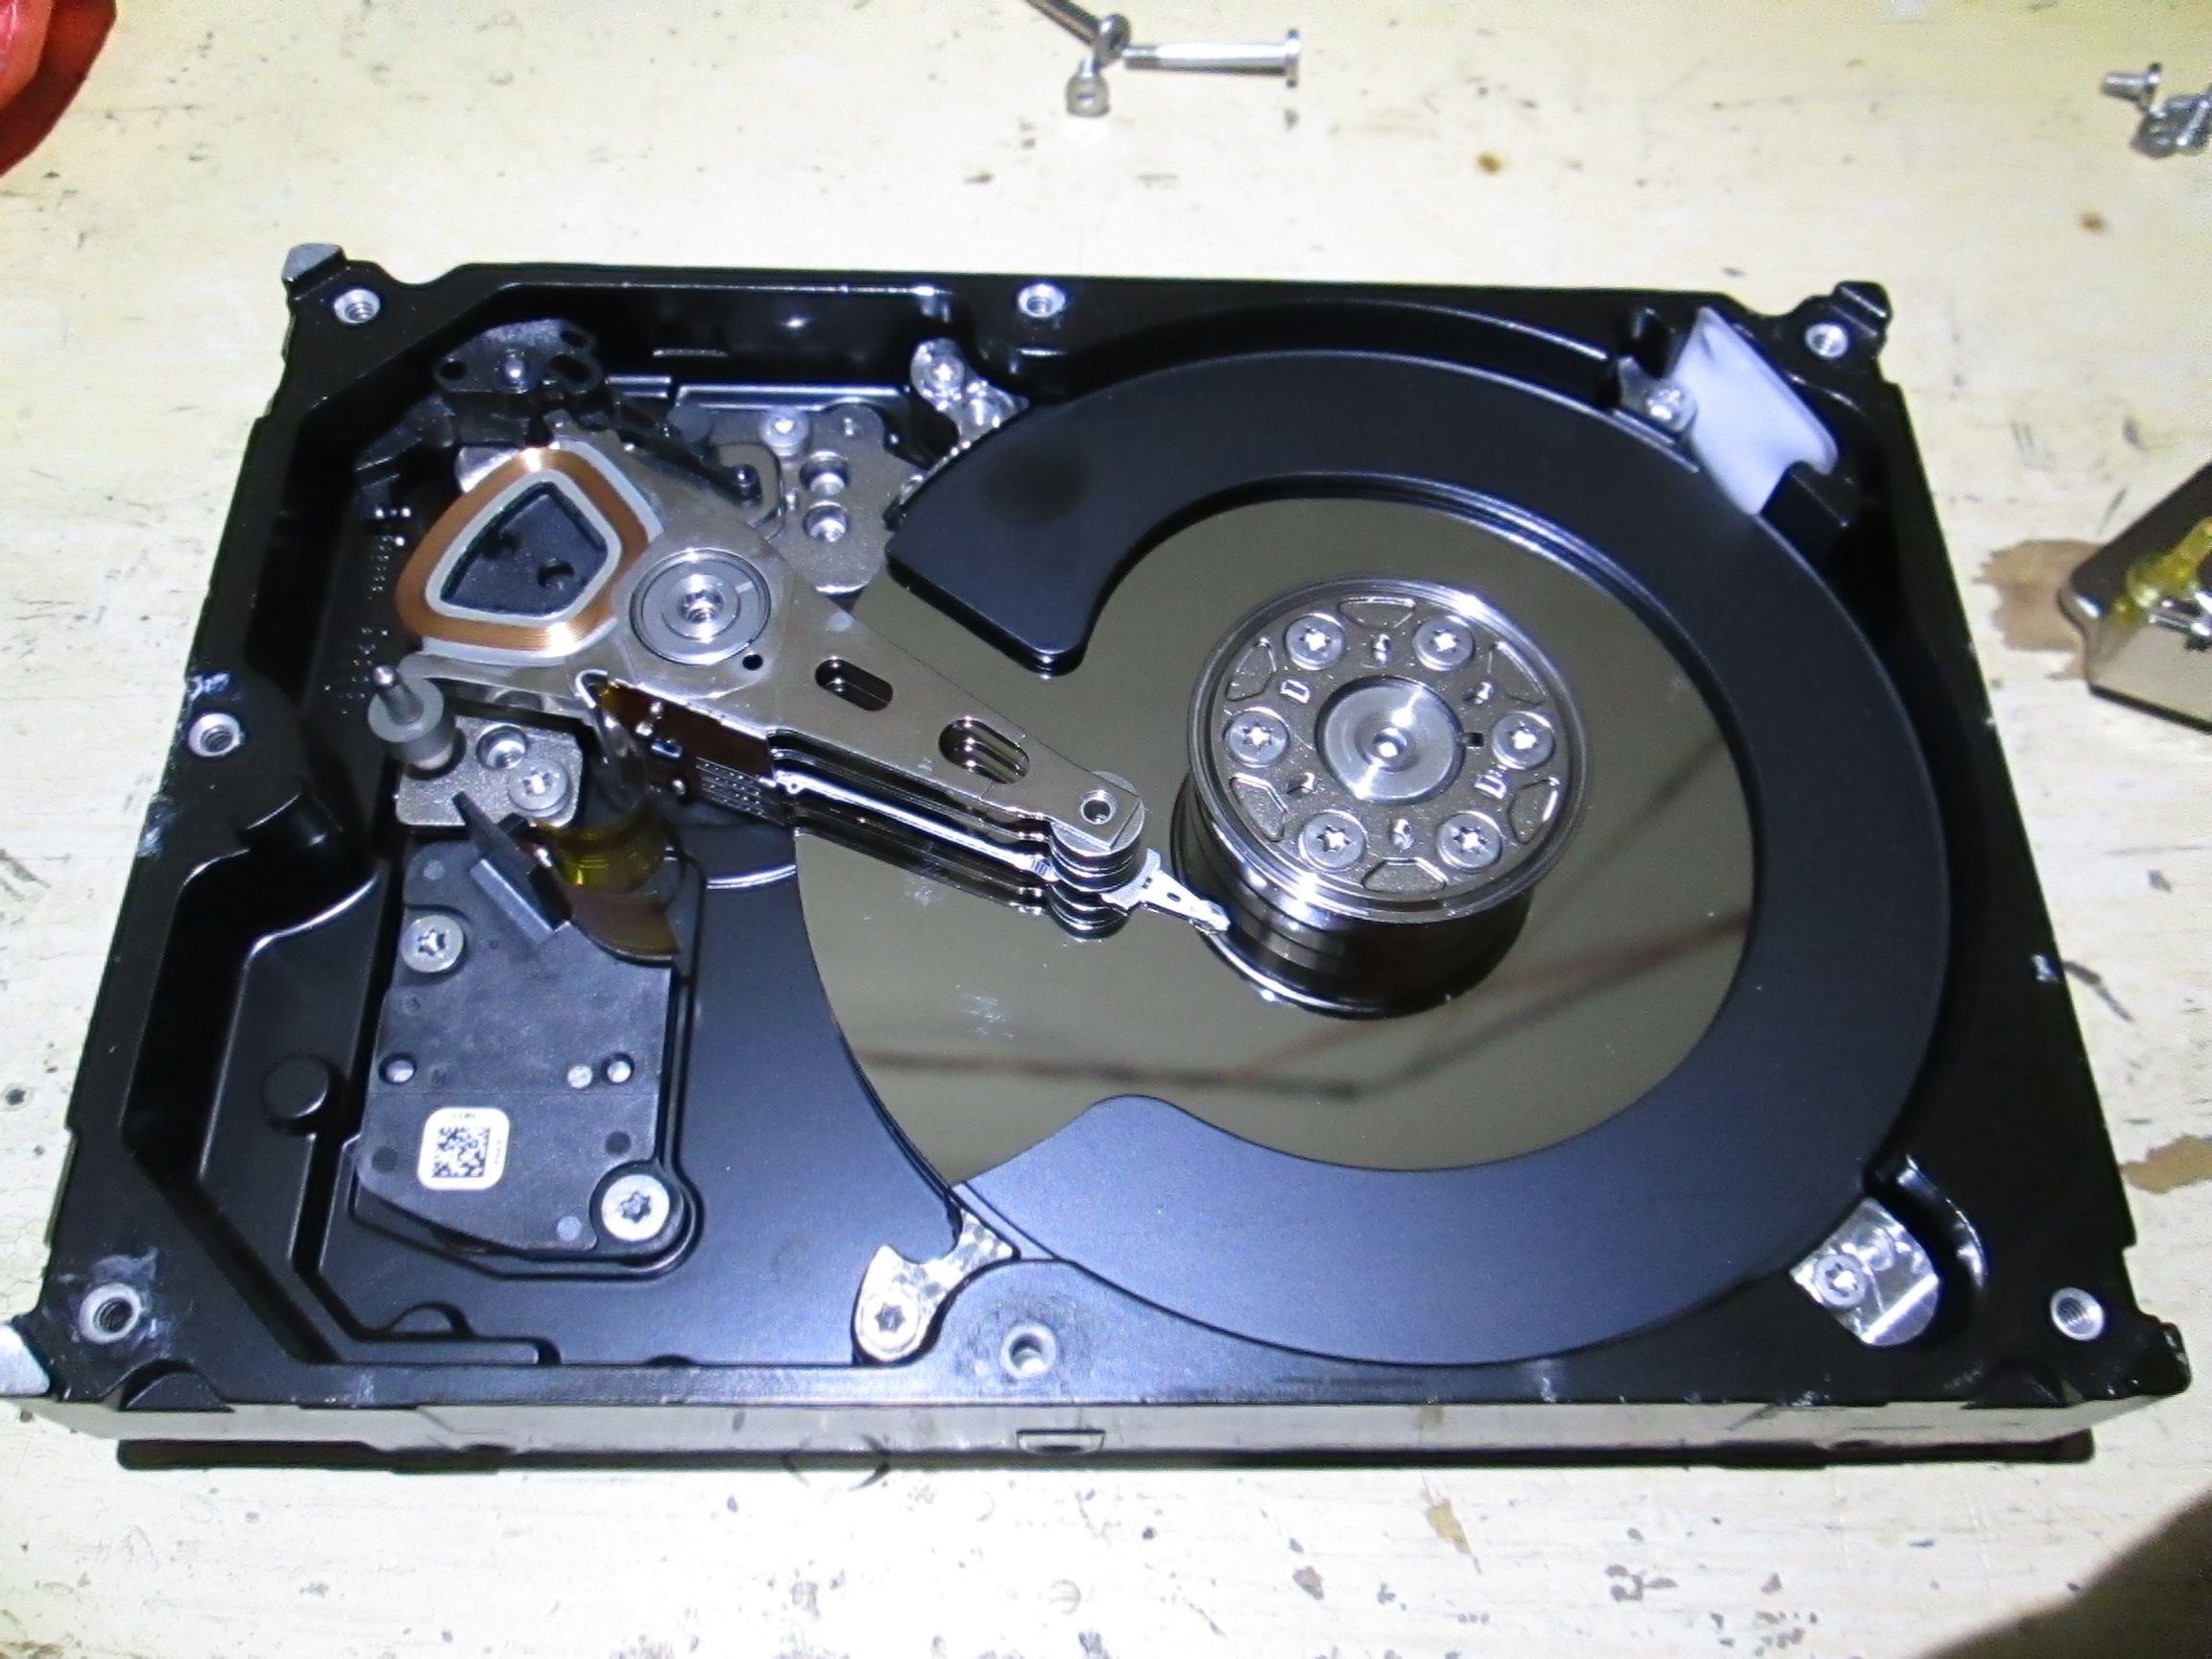 机械硬盘_希捷1tb机械硬盘故障了什么原因?